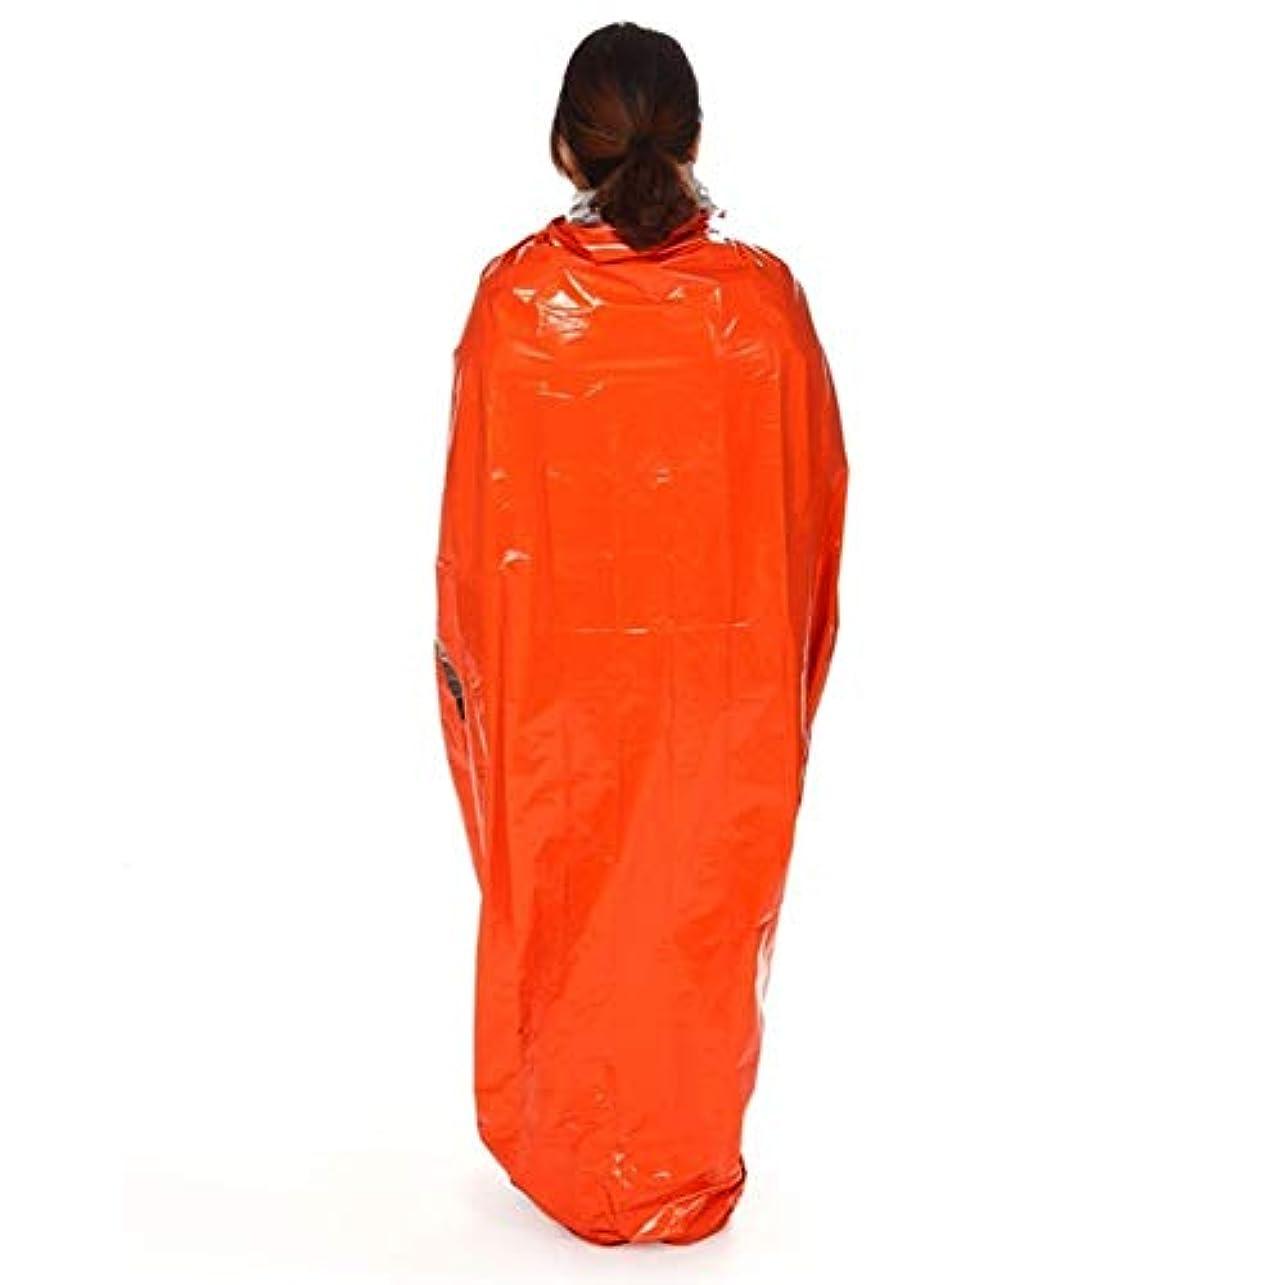 空港以下進むアウトドア寝袋ポータブル緊急寝袋ライトポリエチレン寝袋キャンプ旅行ハイキング j03g4y3